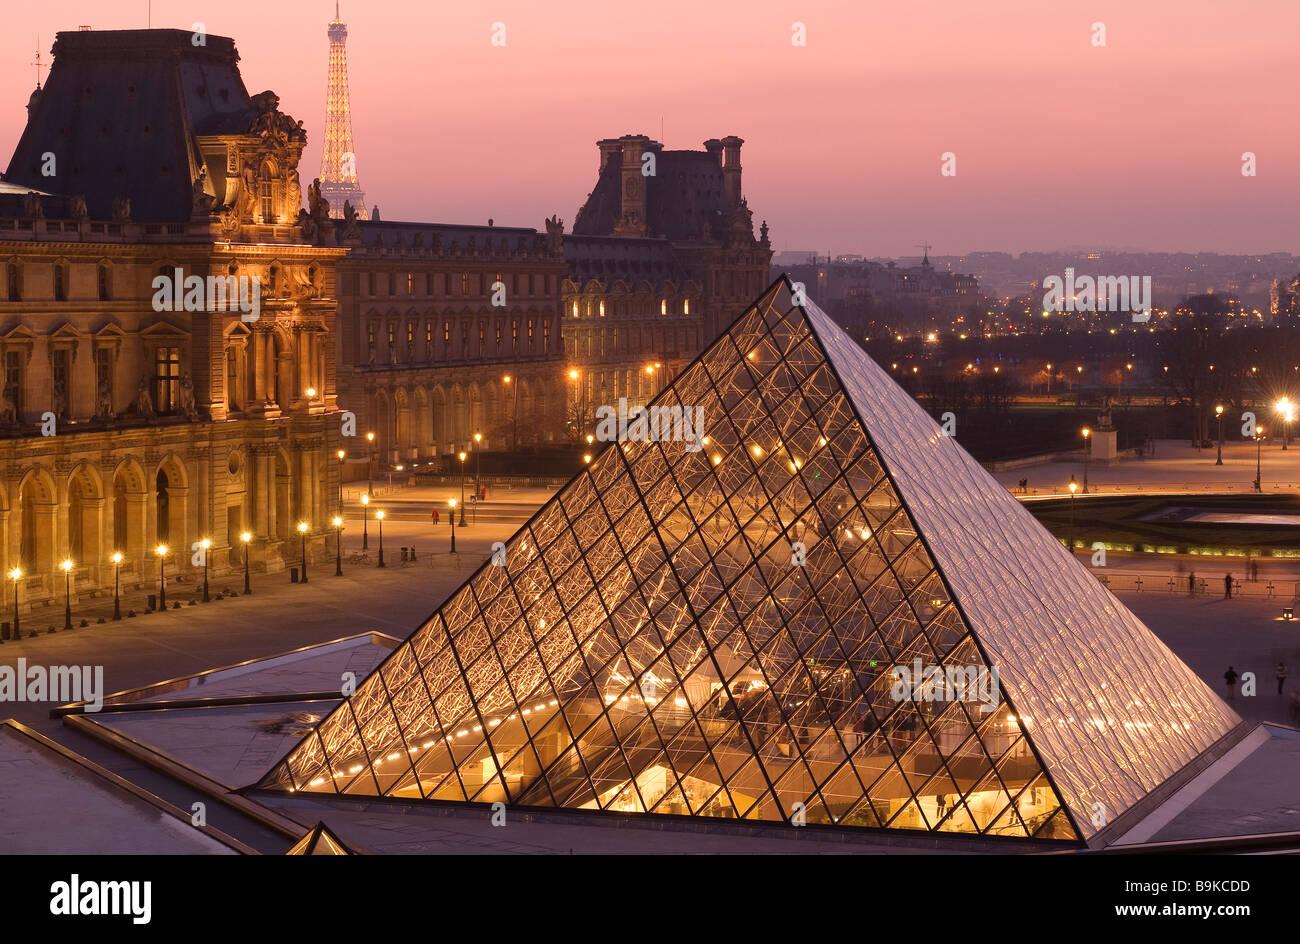 France paris mus e du louvre et la pyramide du louvre for Architecte de pyramide